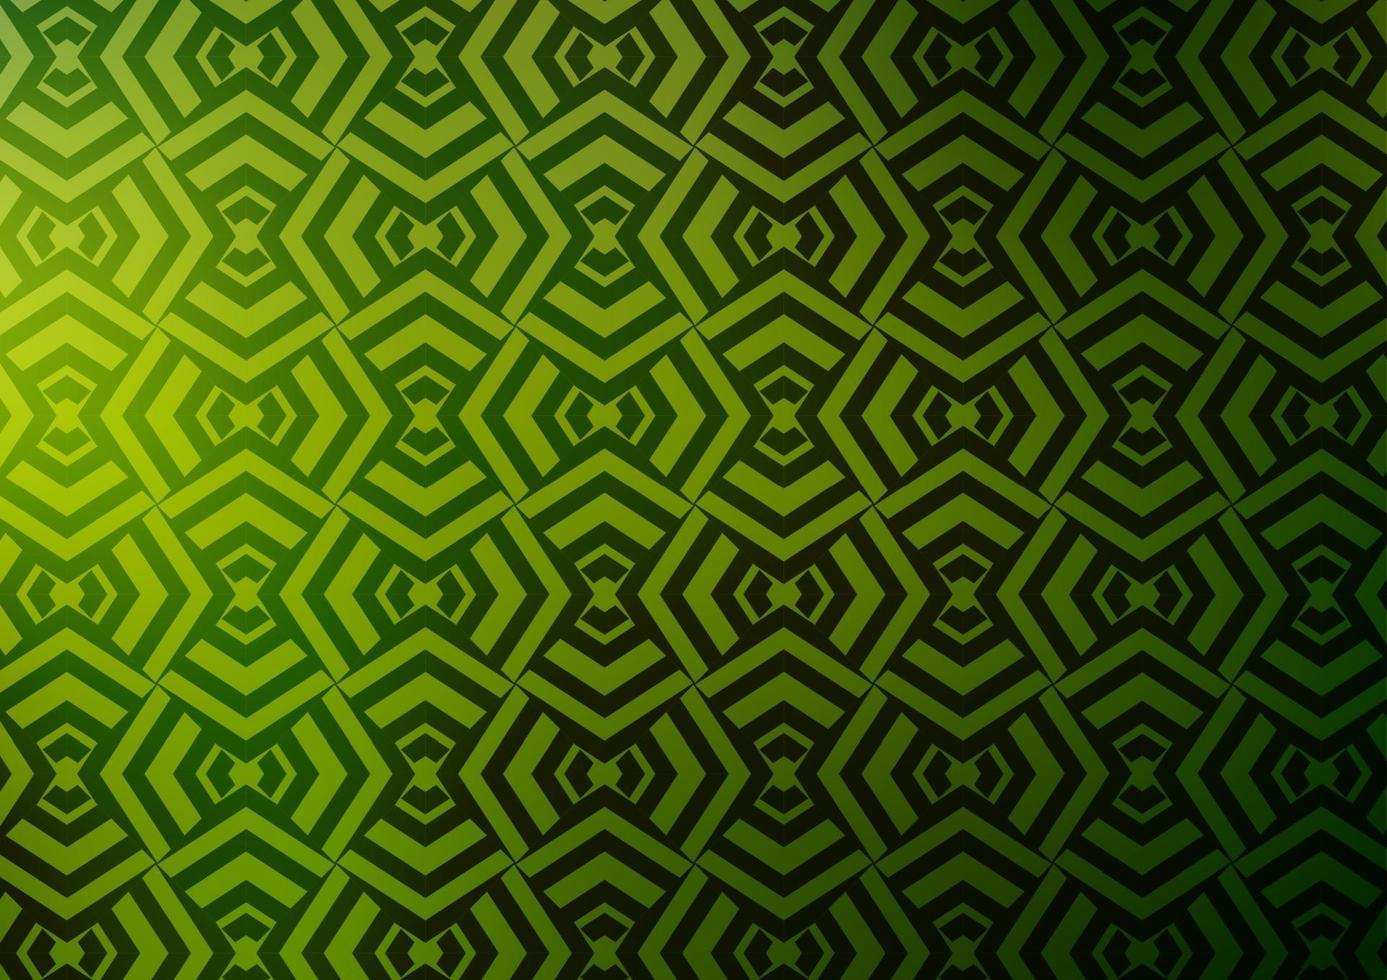 padrão de vetor verde e amarelo claro com linhas estreitas.